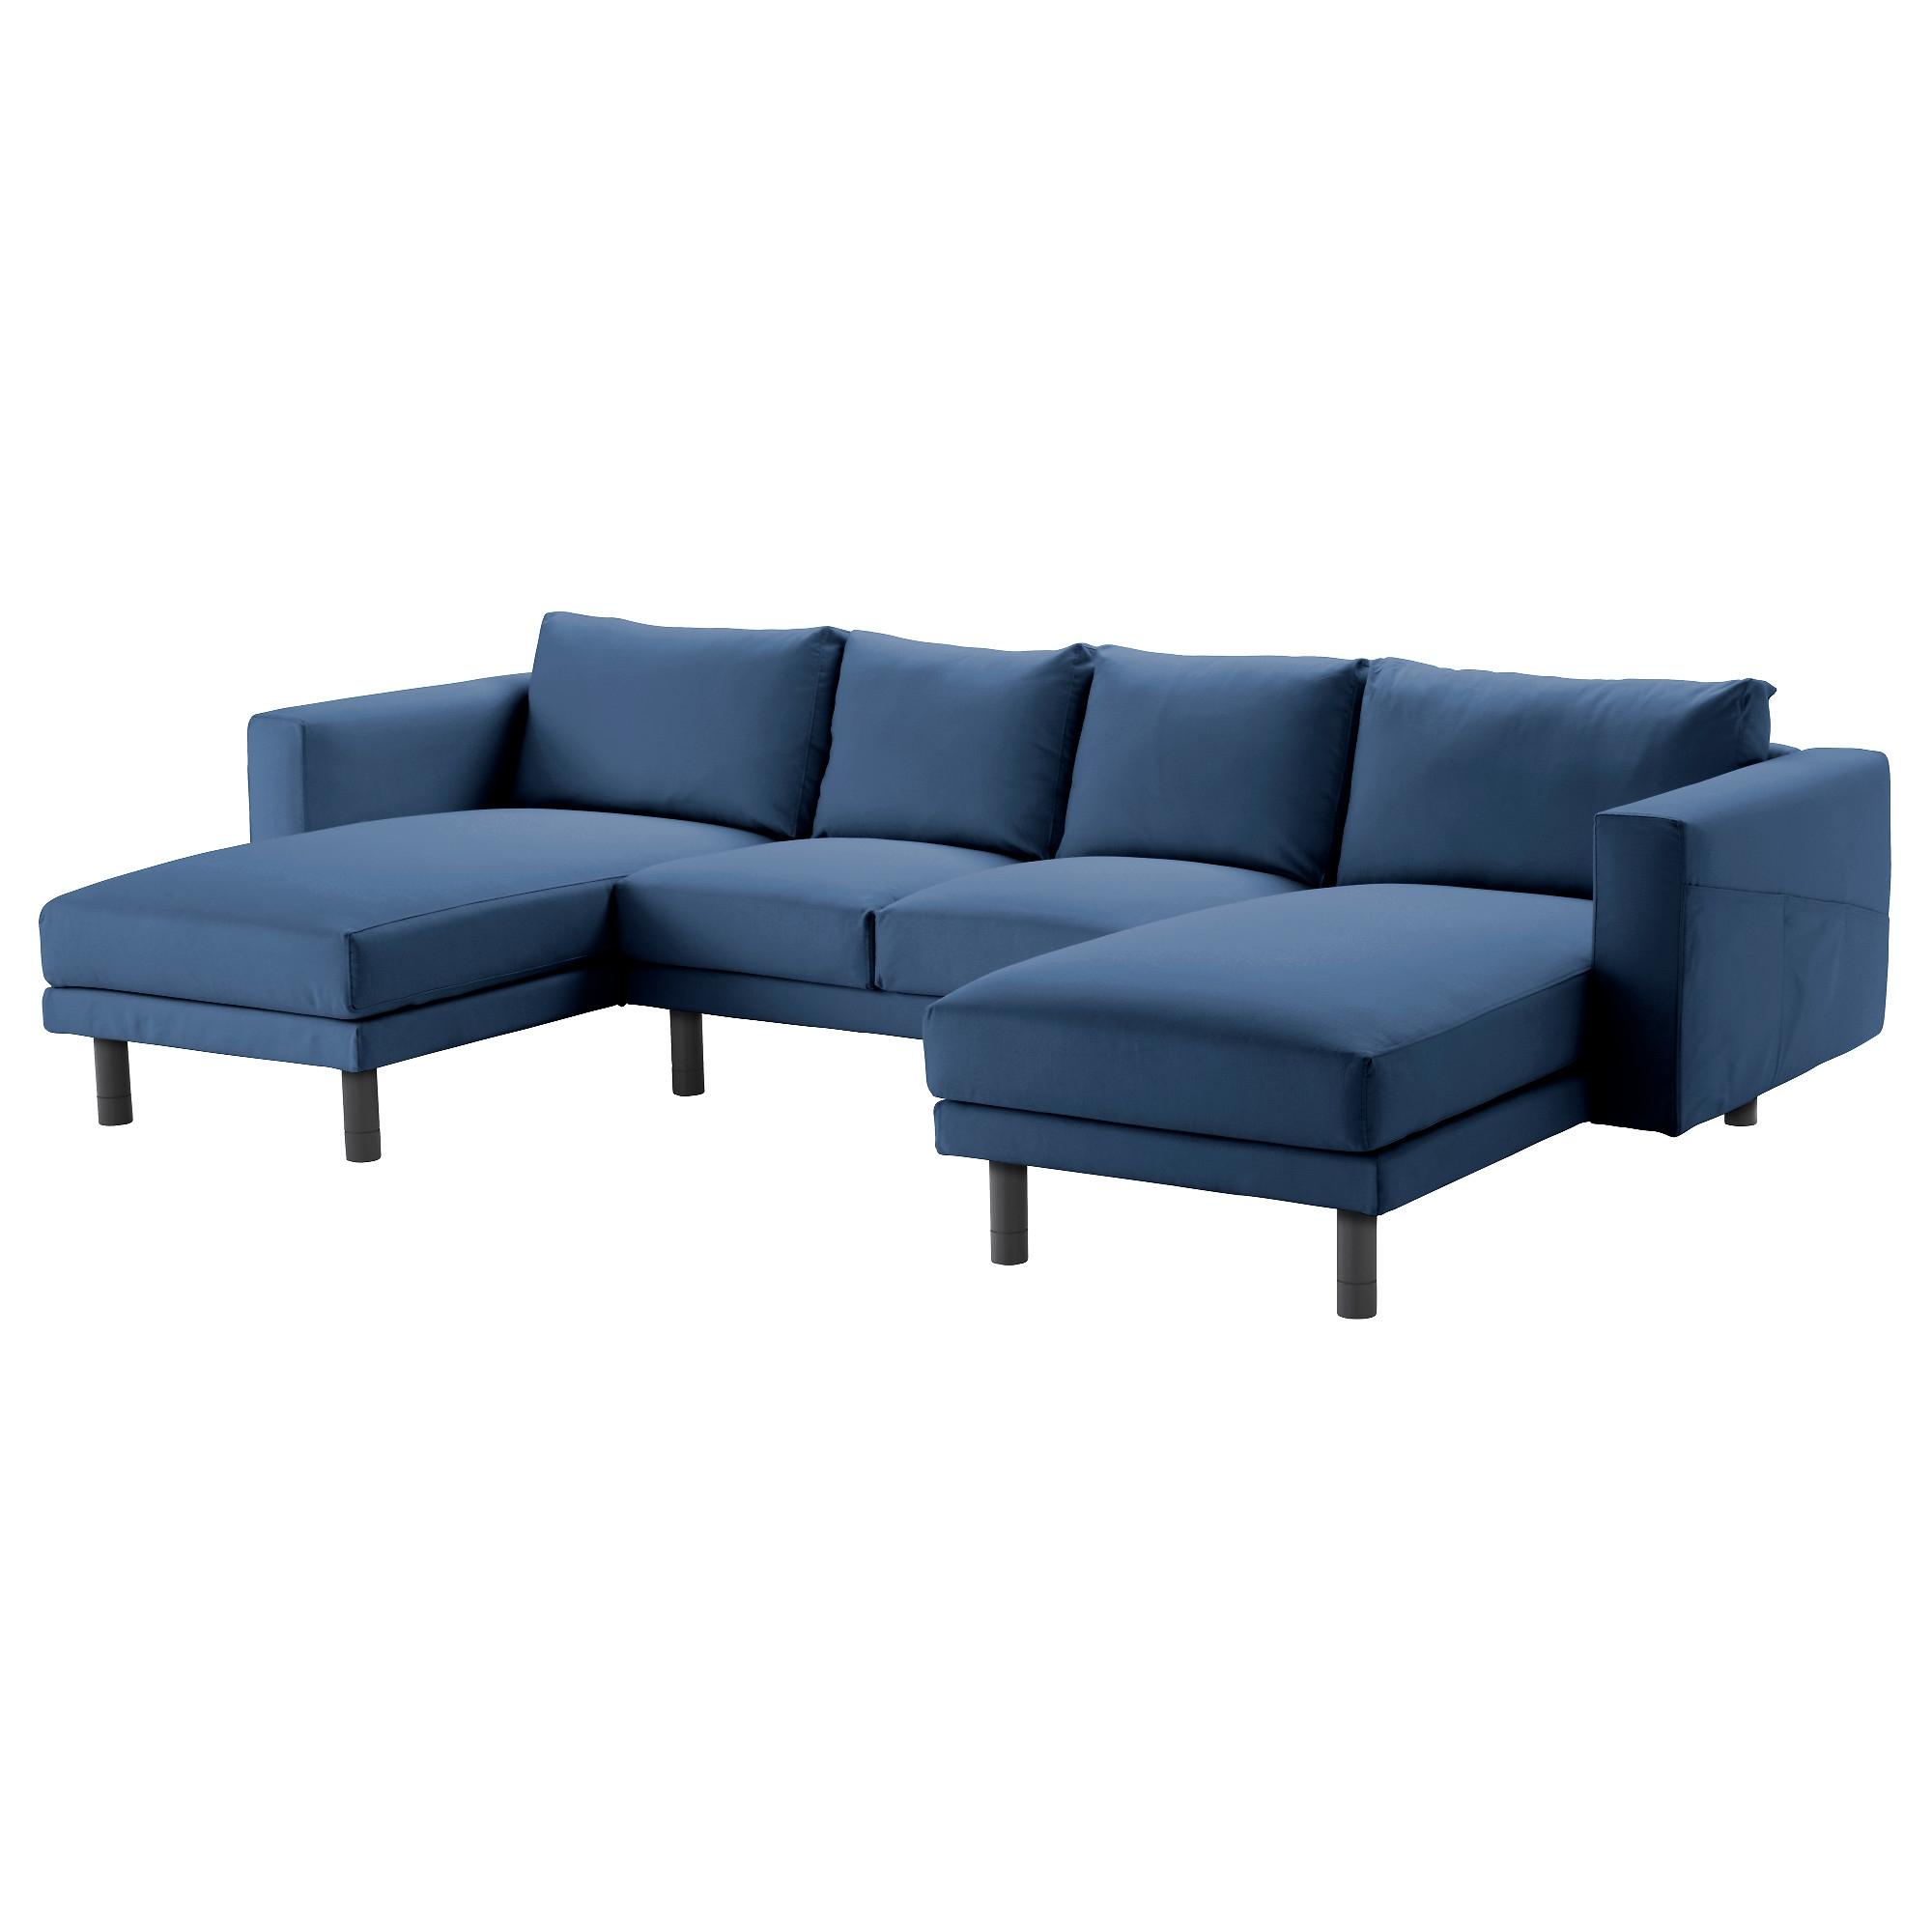 Norsborg sof 2 plazas 2 chaise longues for Sofa 2 plazas mas chaise longue